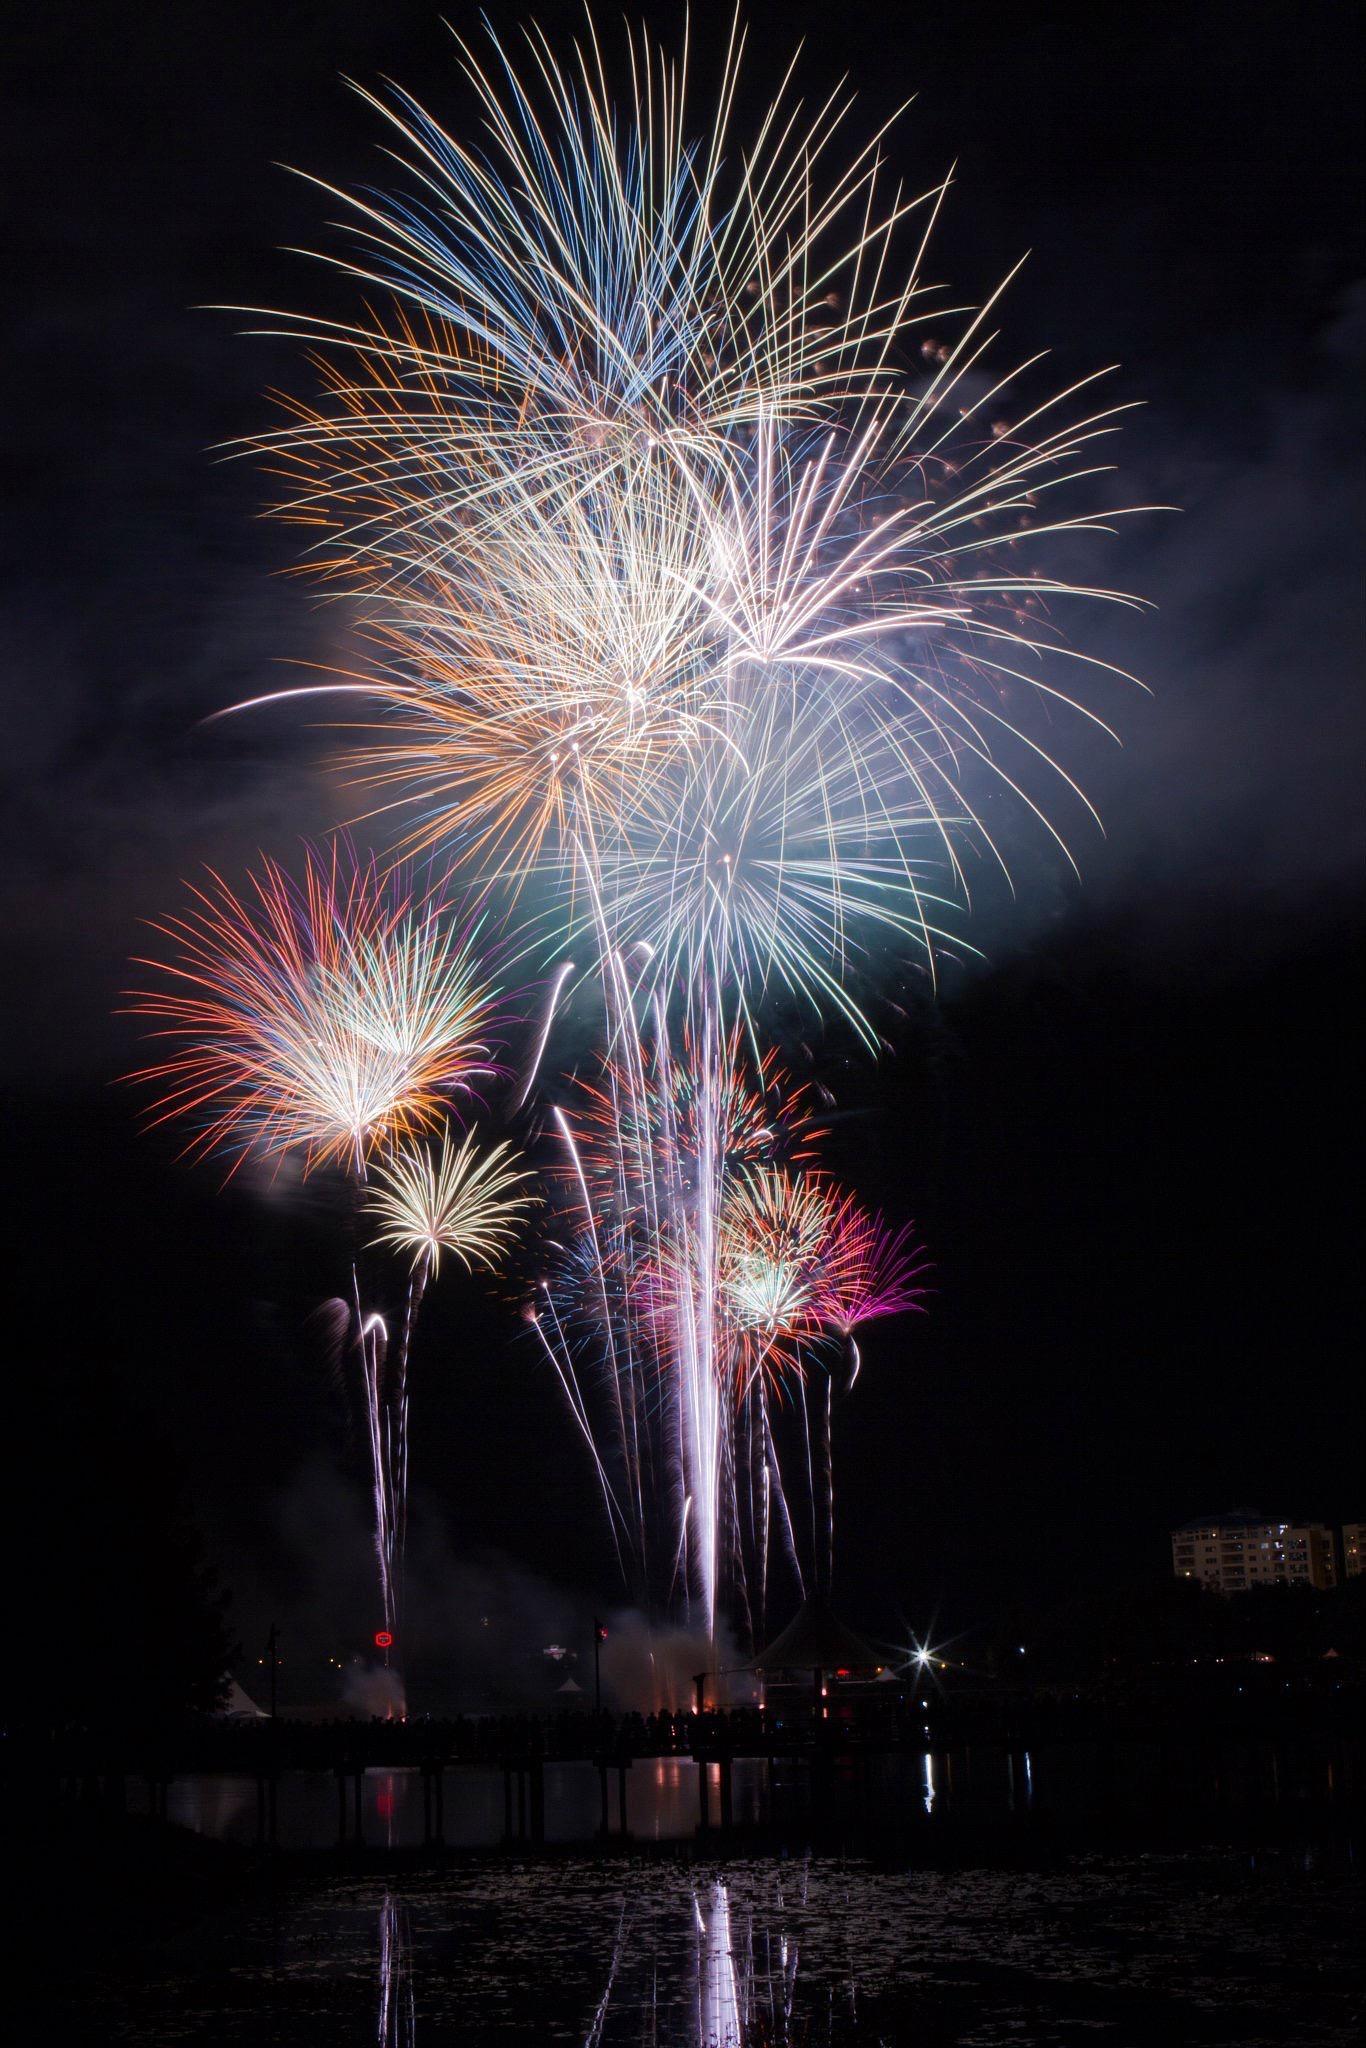 4th of July Fireworks by Domenik Jost